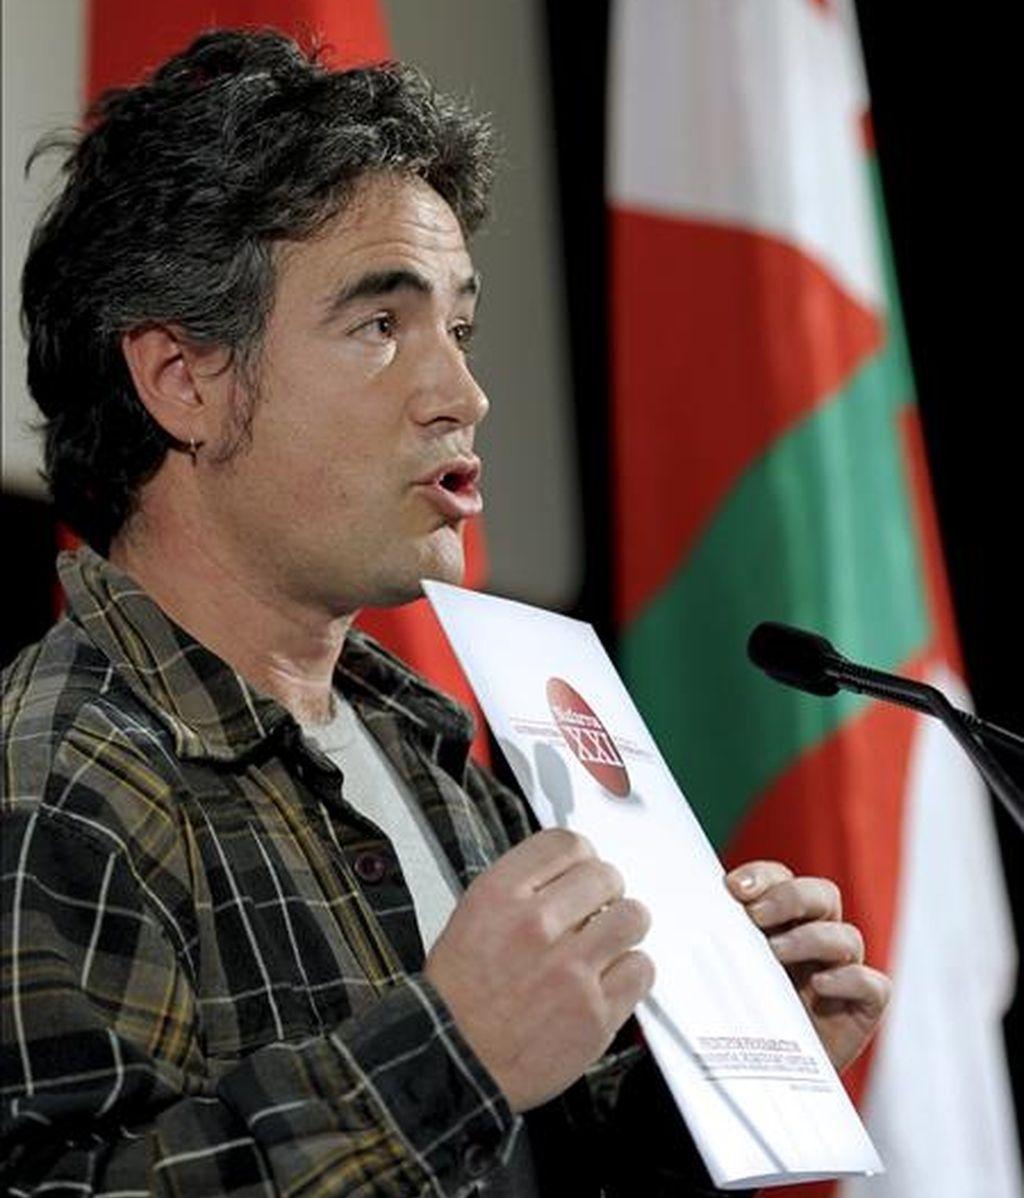 El portavoz de la izquierda abertzale Santi Quiroga. EFE